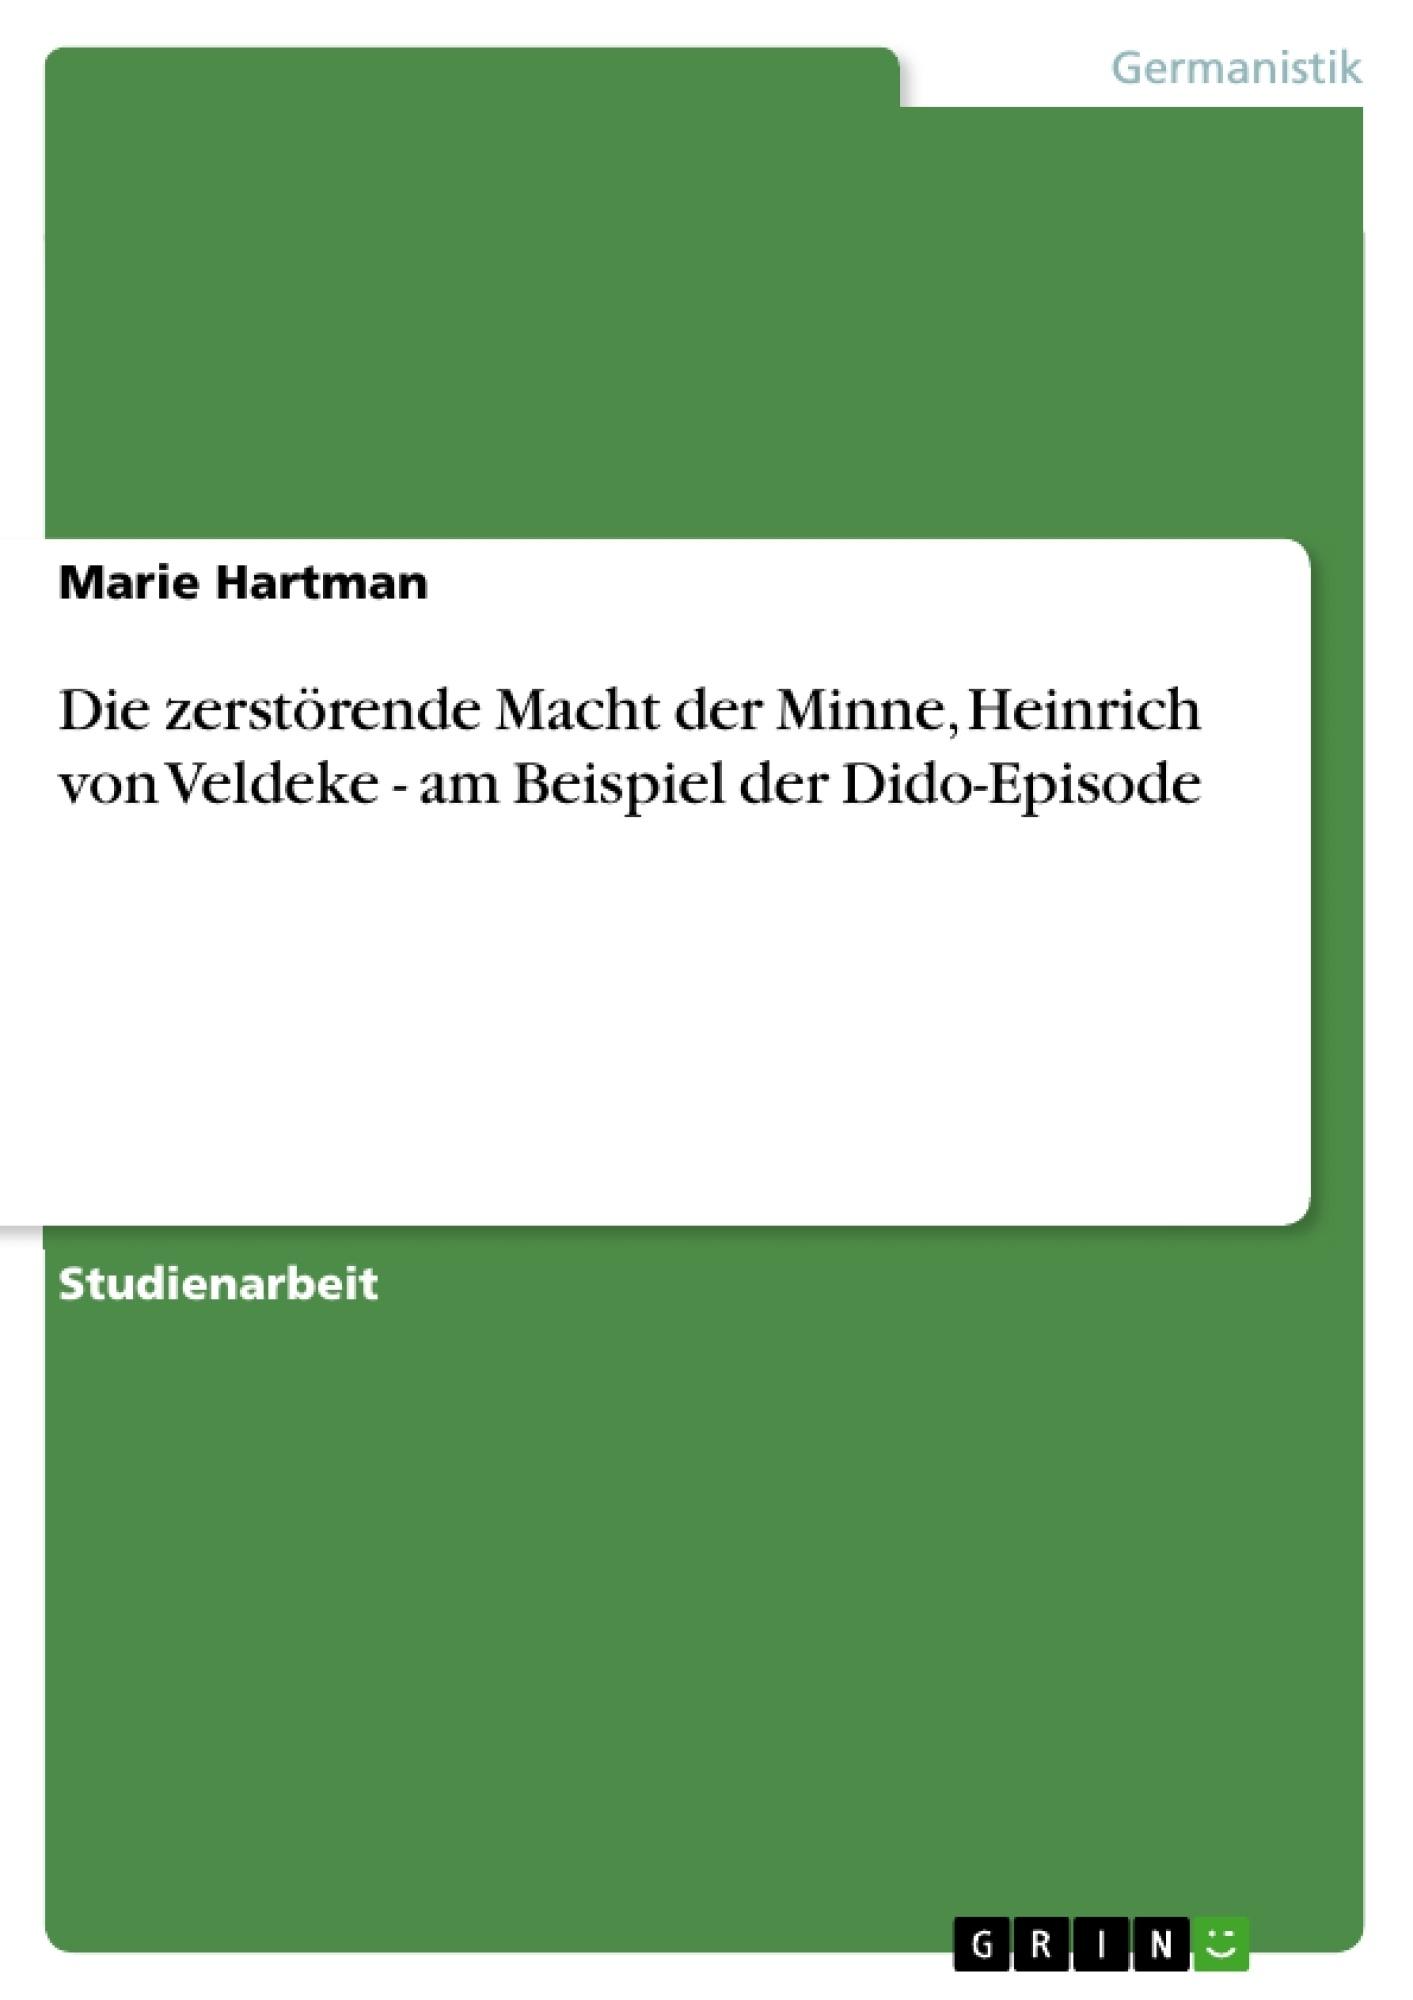 Titel: Die zerstörende Macht der Minne, Heinrich von Veldeke - am Beispiel der Dido-Episode